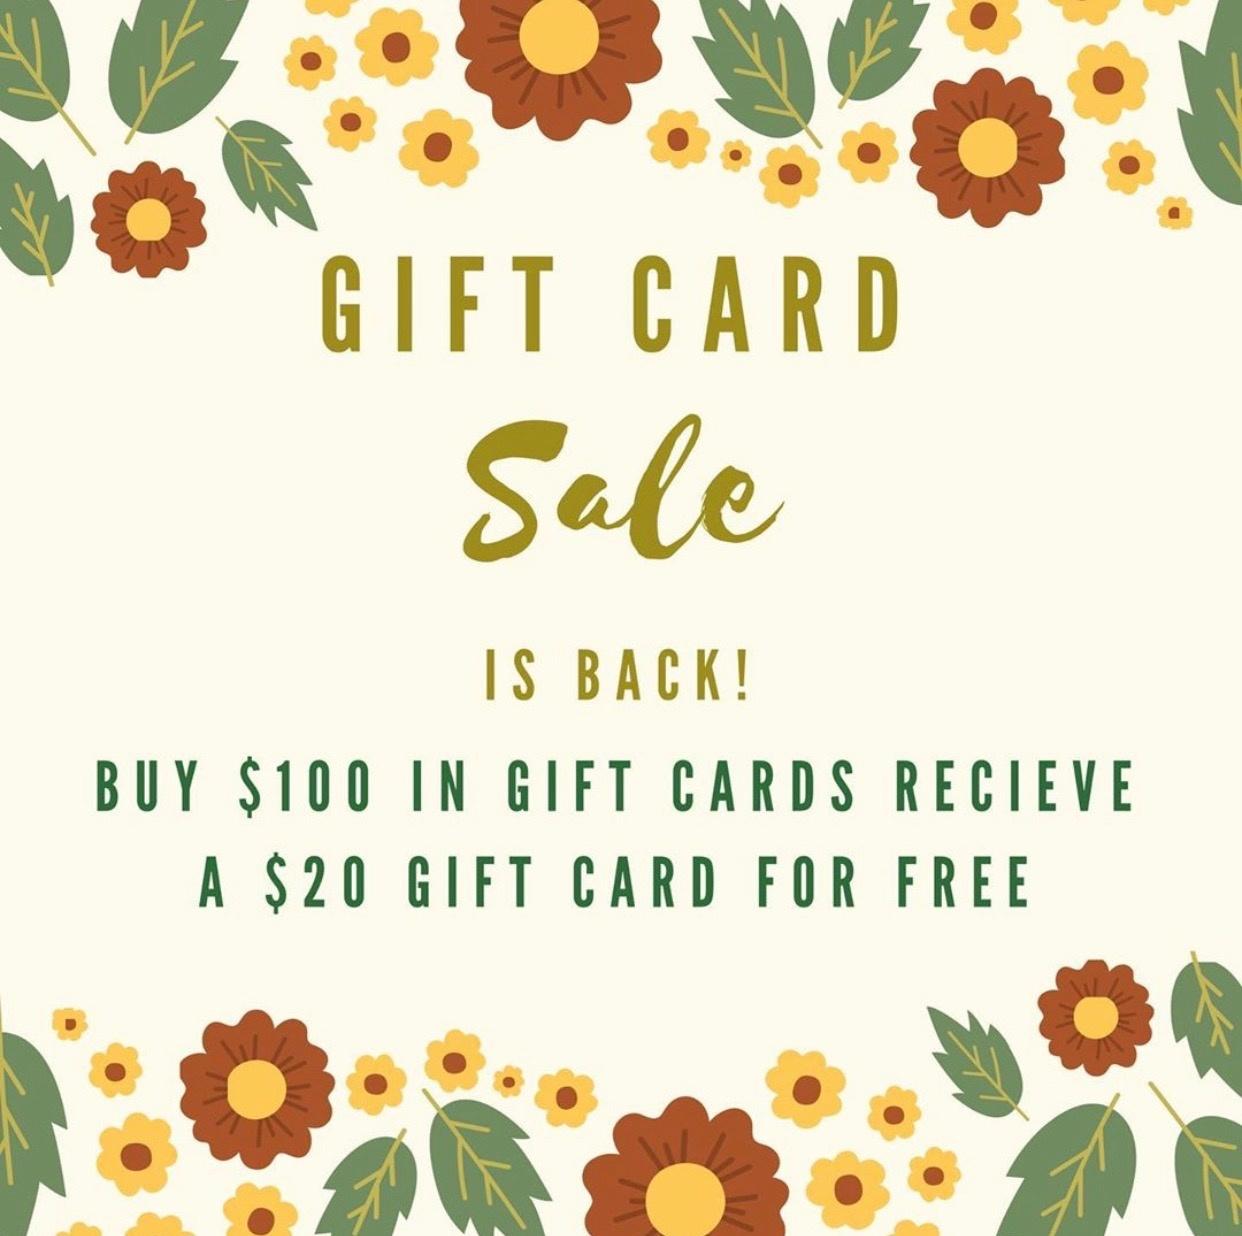 Tutu Tutu $100 Gift Card